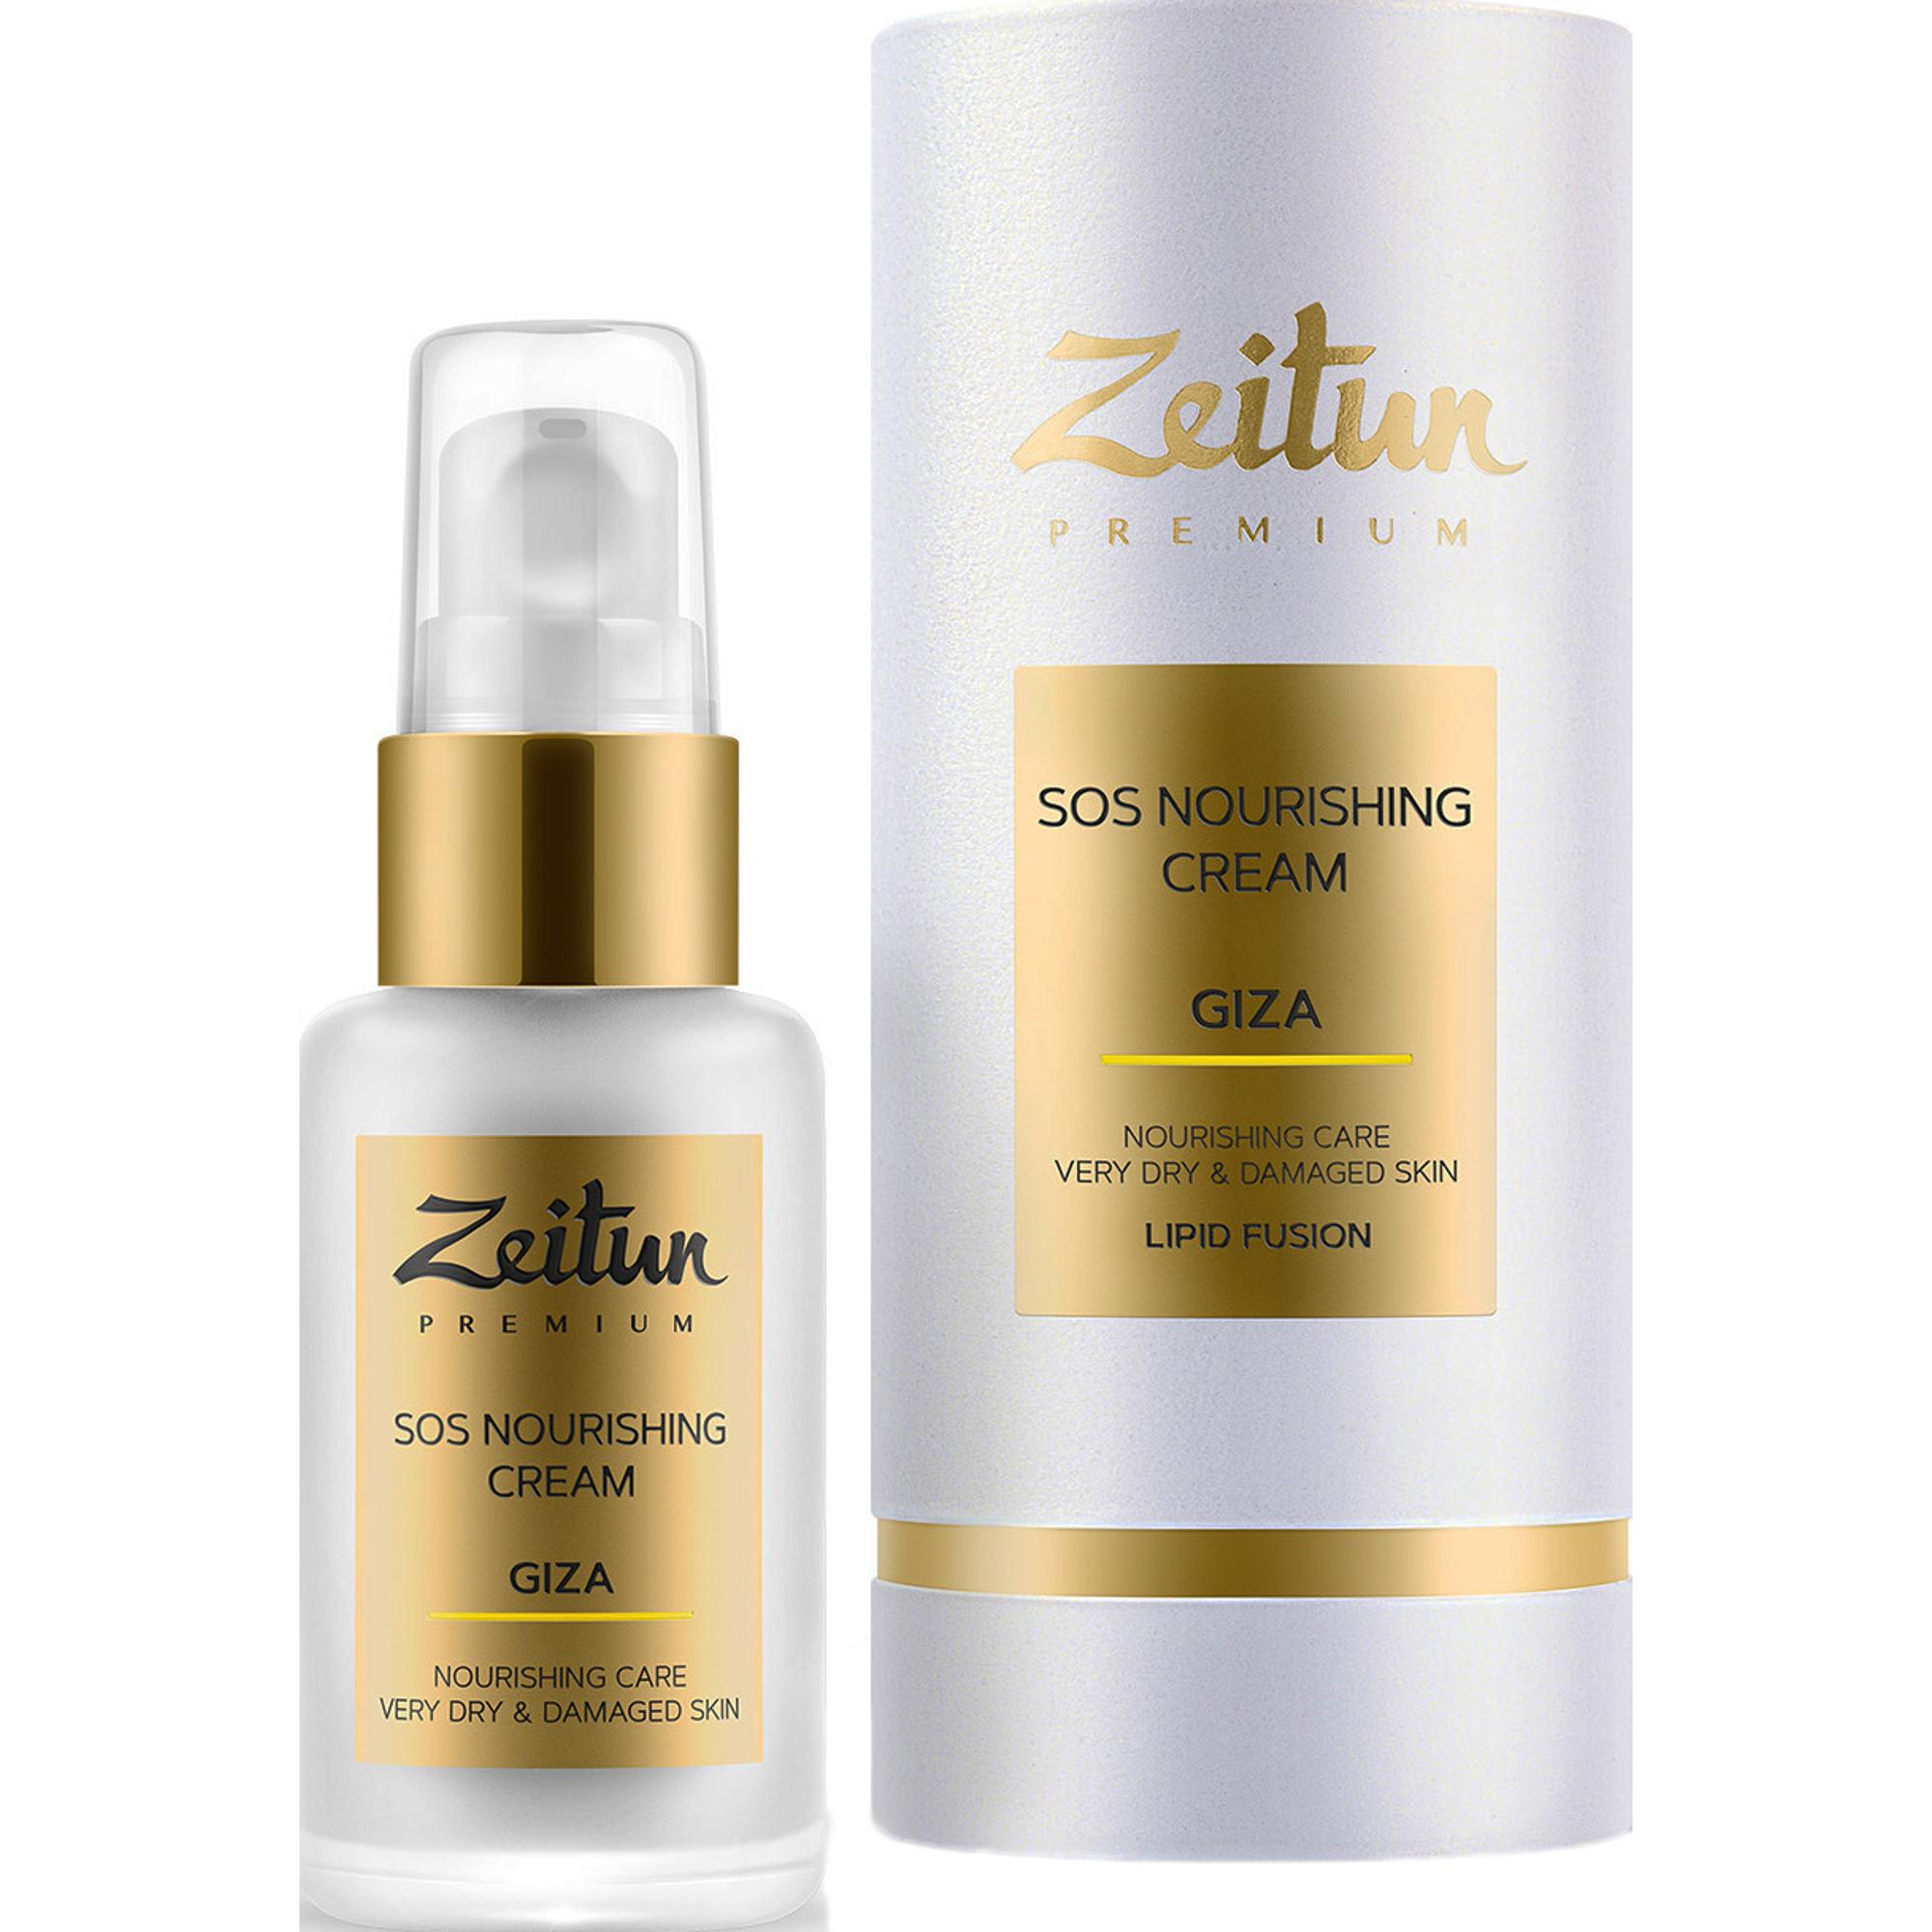 Восстанавливающий SOS-крем Zeitun Giza для очень сухой кожи 50 мл zeitun premium giza sos nourishing cream восстанавливающий sos крем для лица для очень сухой кожи 50 мл